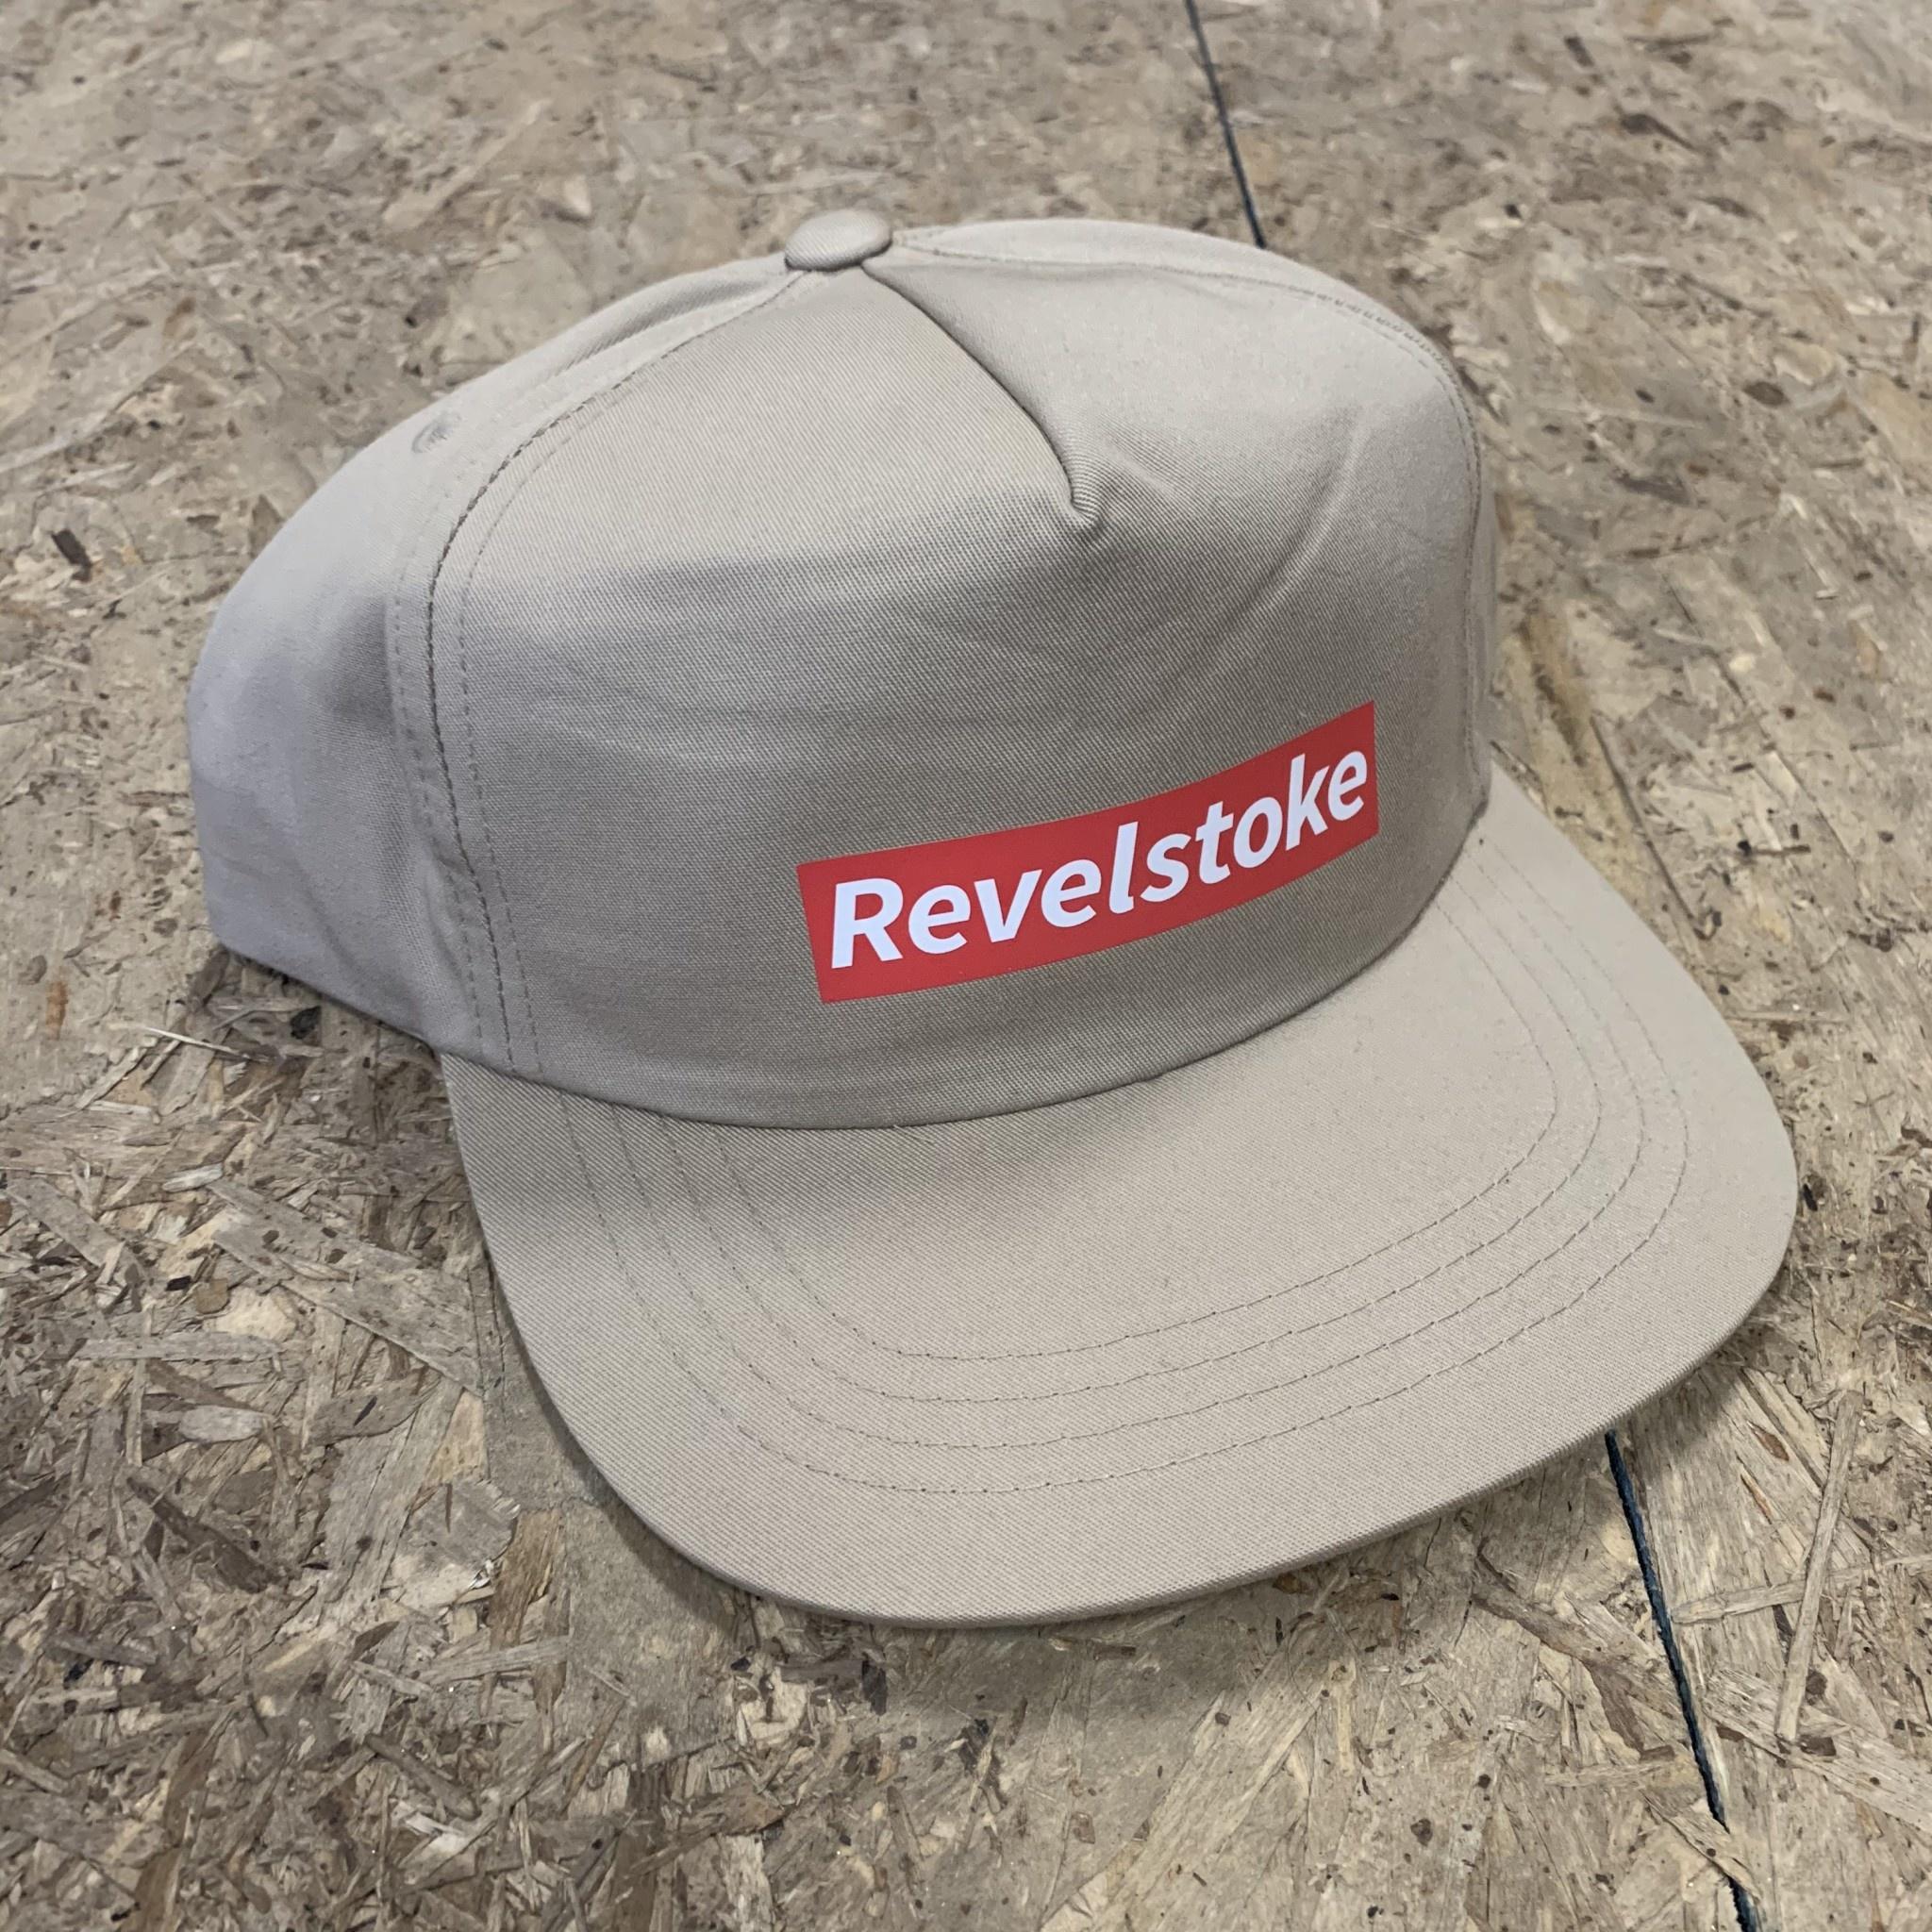 Revelstoke Trading Post Revelstoke - Supreme Cap